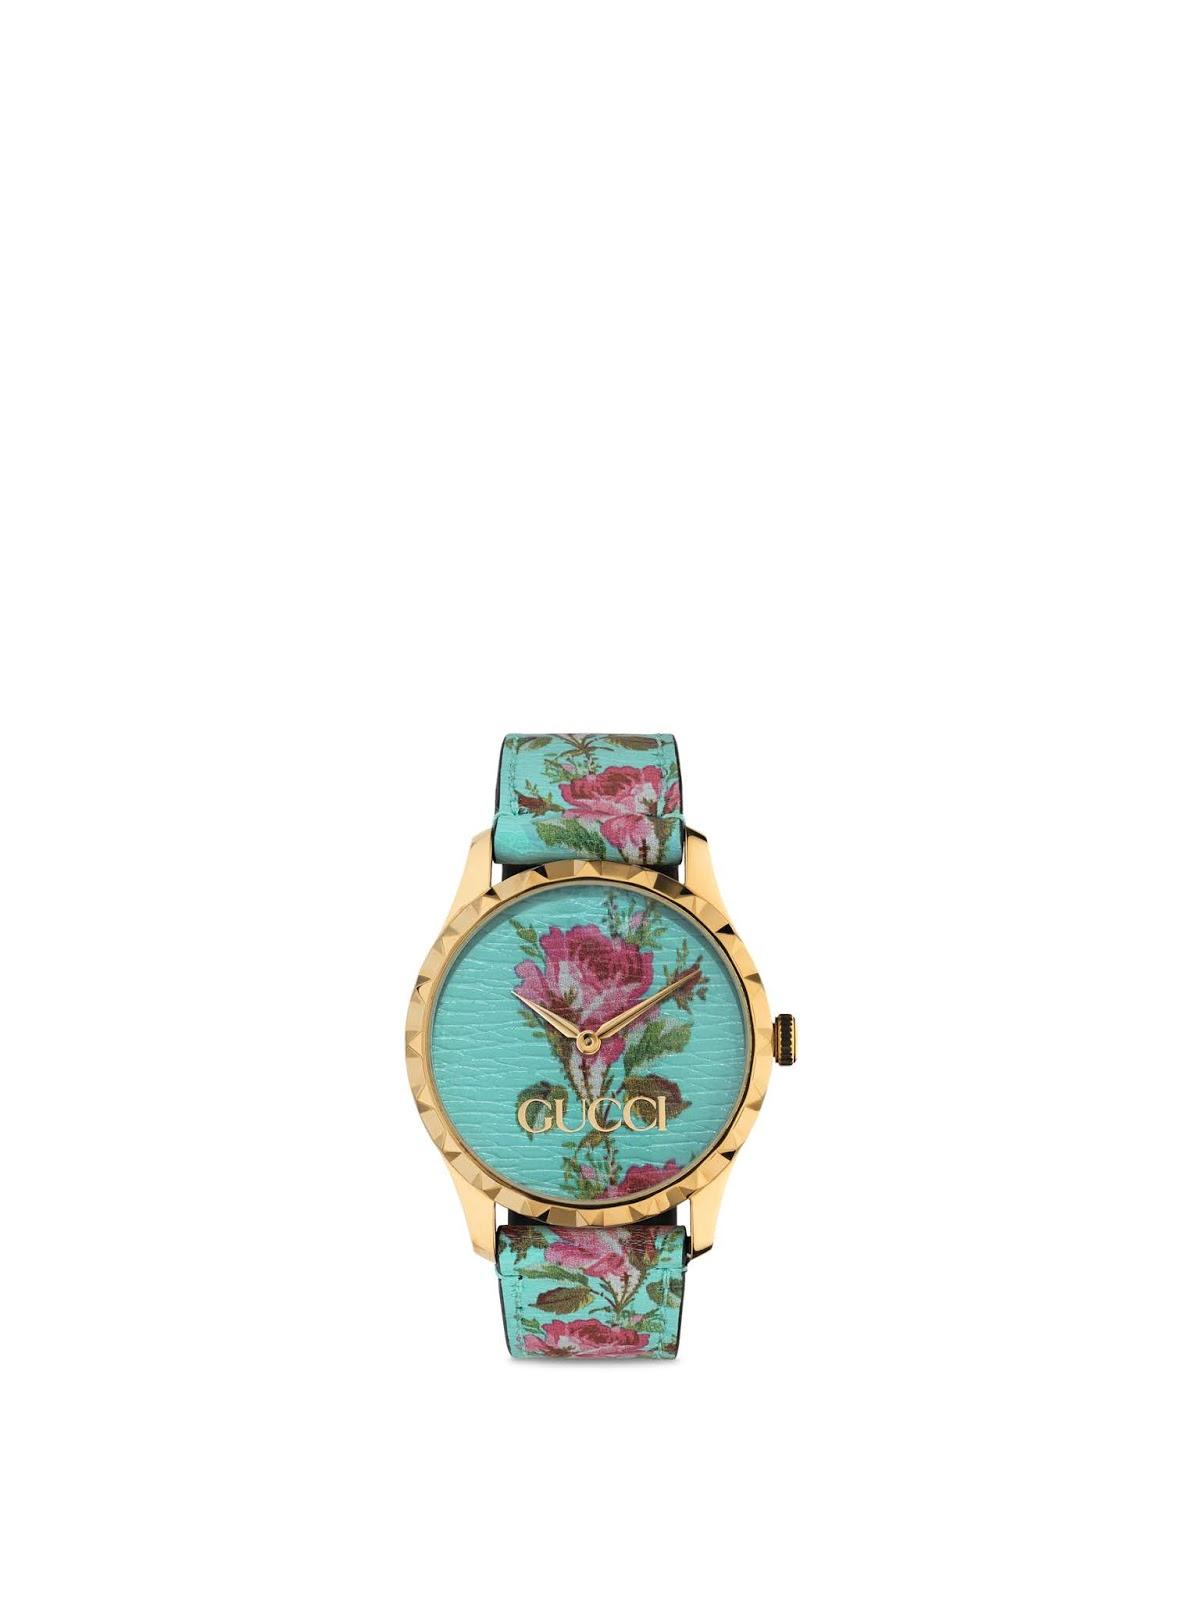 7223523eb8425 Estação Cronográfica  Relógios Gucci G Frame, G Timeless e G Frame ...